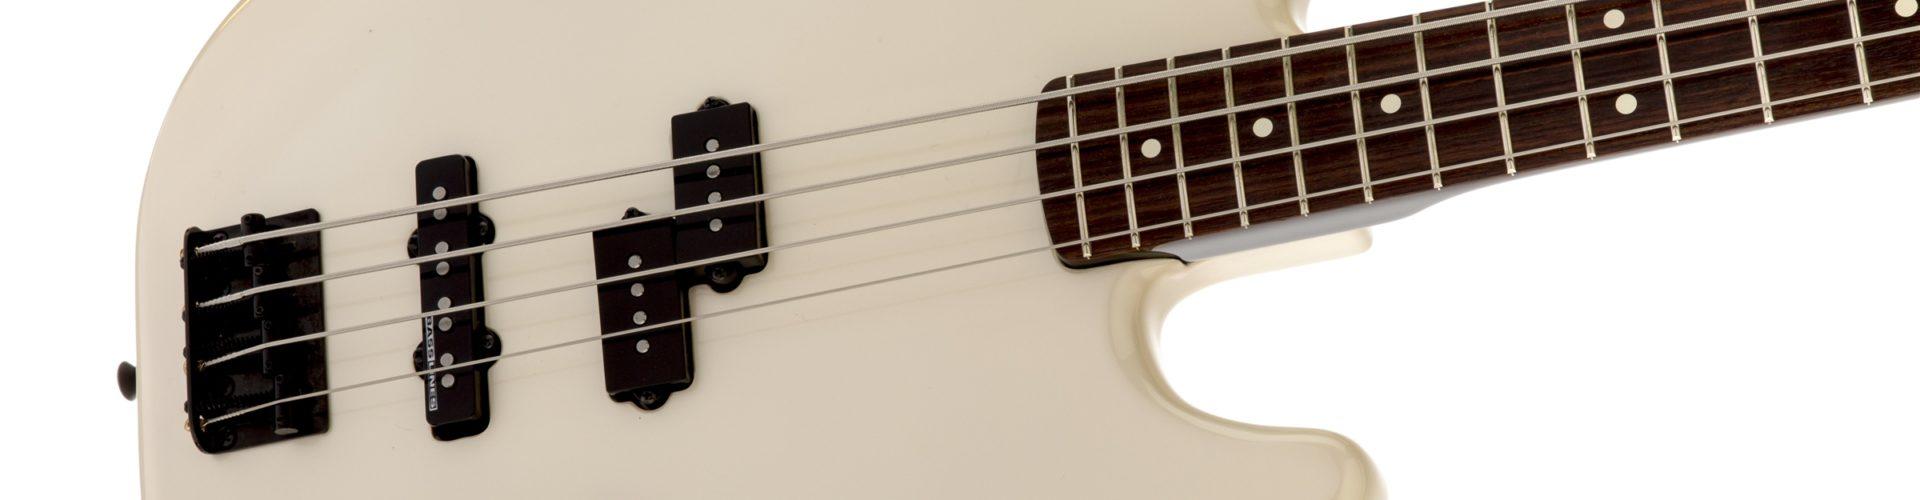 La Fender Mustang Bass PJ : une basse indémodable